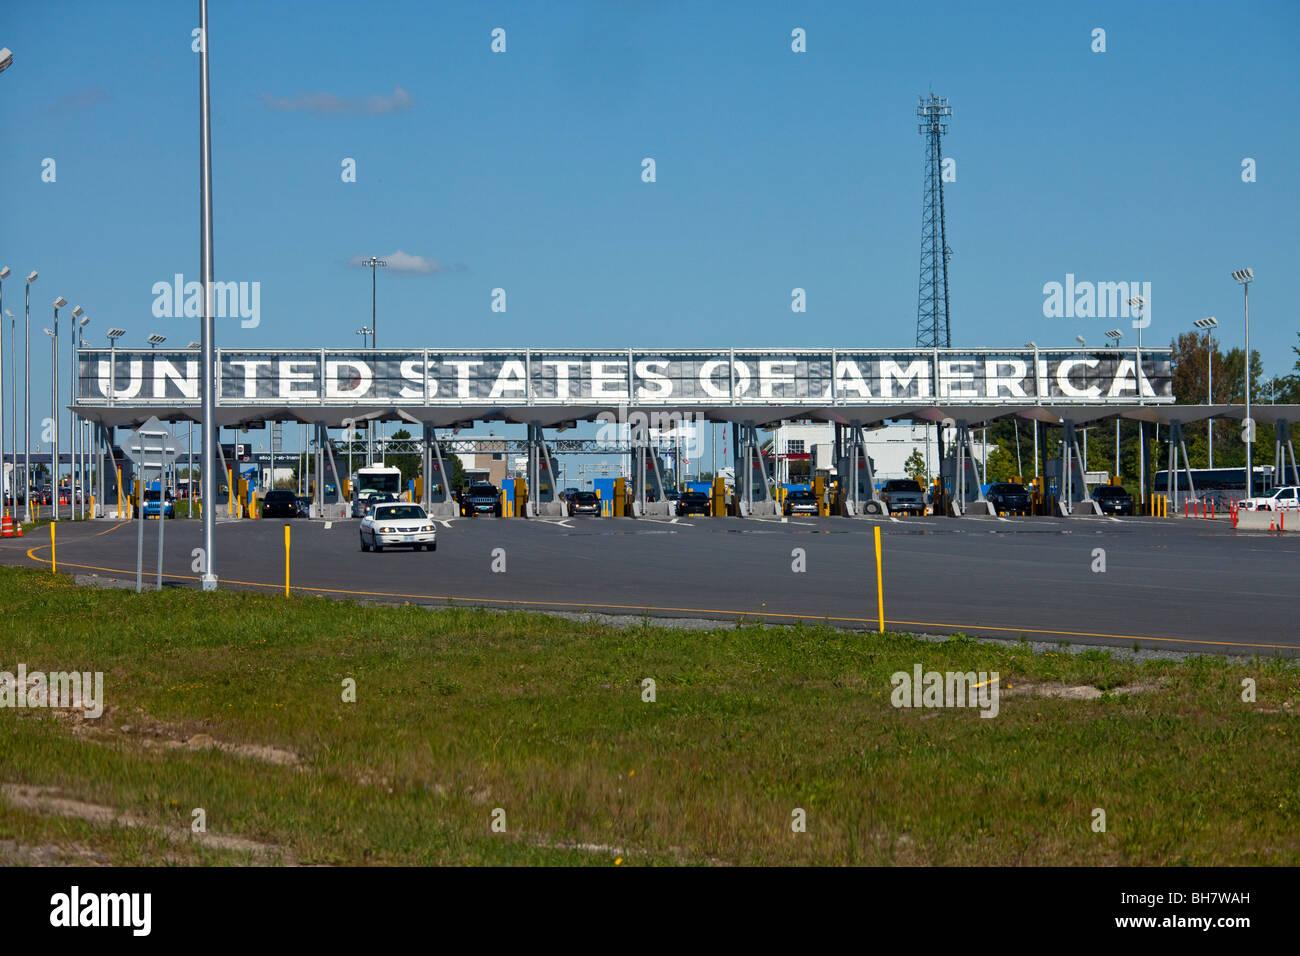 Champlain di frontiera tra gli Stati Uniti e il Canada Immagini Stock